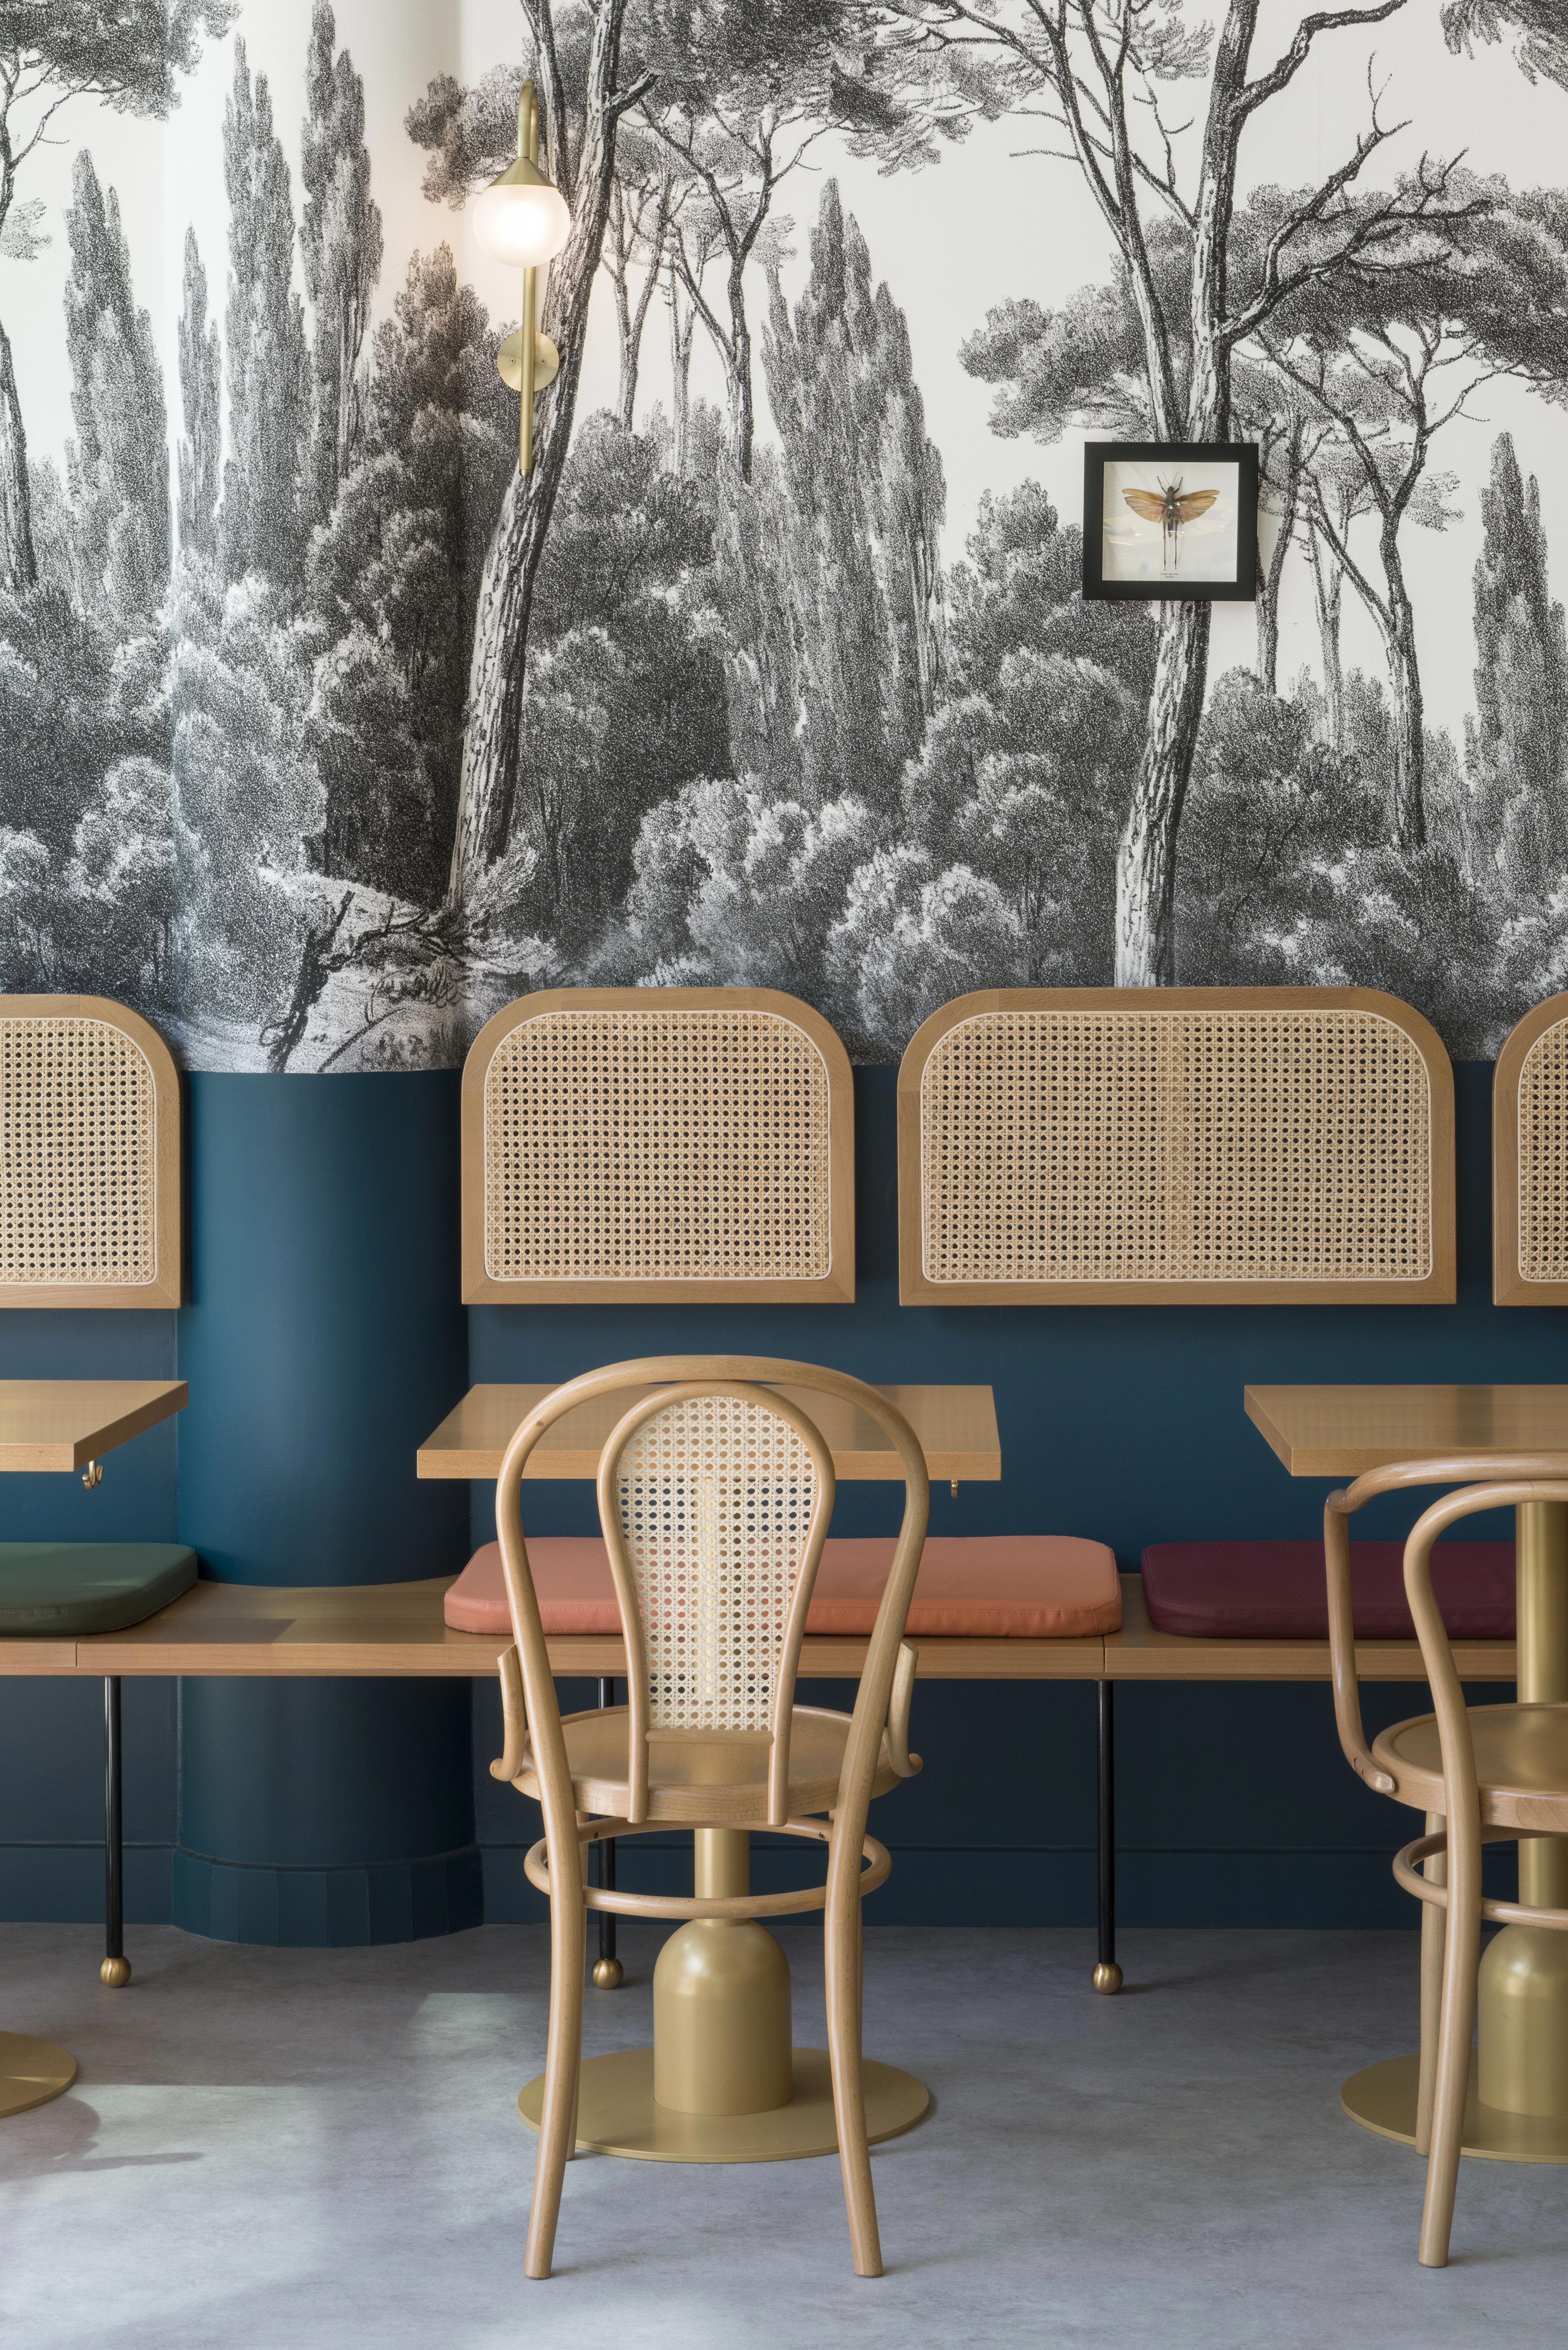 How Interior Designers Make Money Sinteriordesign Product Id 5917533875 Be Interior Design Traditional Interior Design